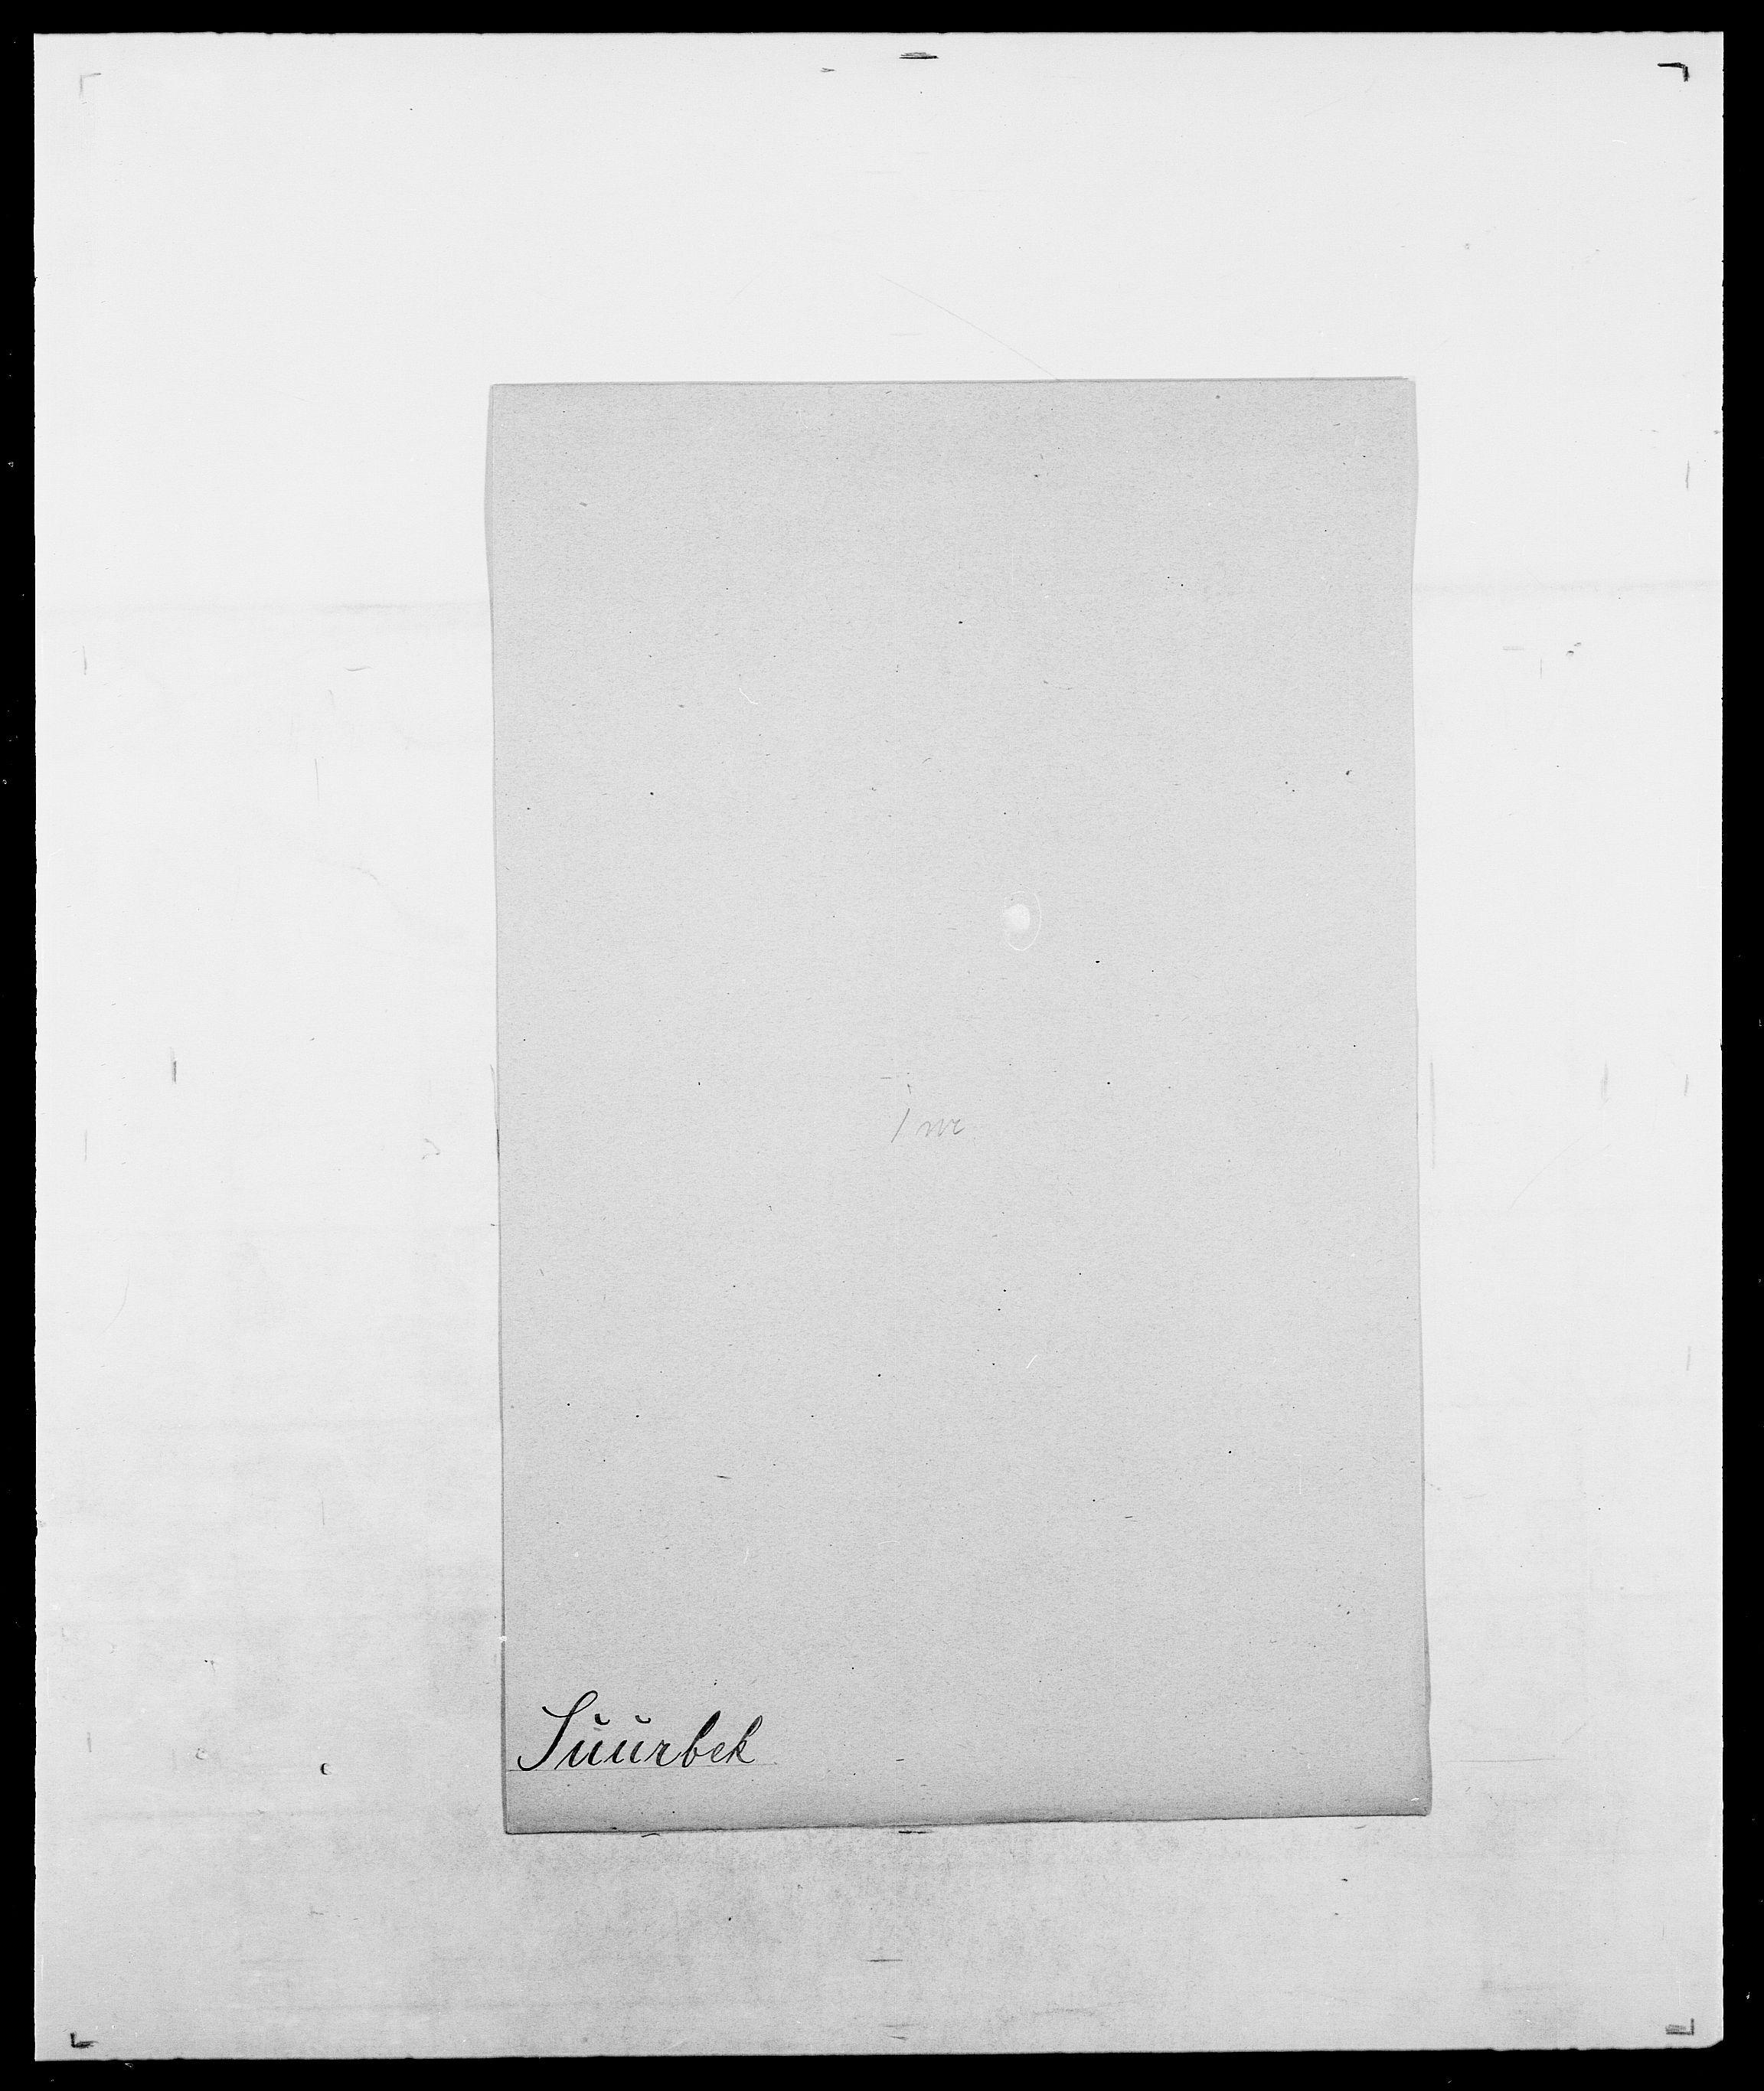 SAO, Delgobe, Charles Antoine - samling, D/Da/L0037: Steen, Sthen, Stein - Svare, Svanige, Svanne, se også Svanning og Schwane, s. 962